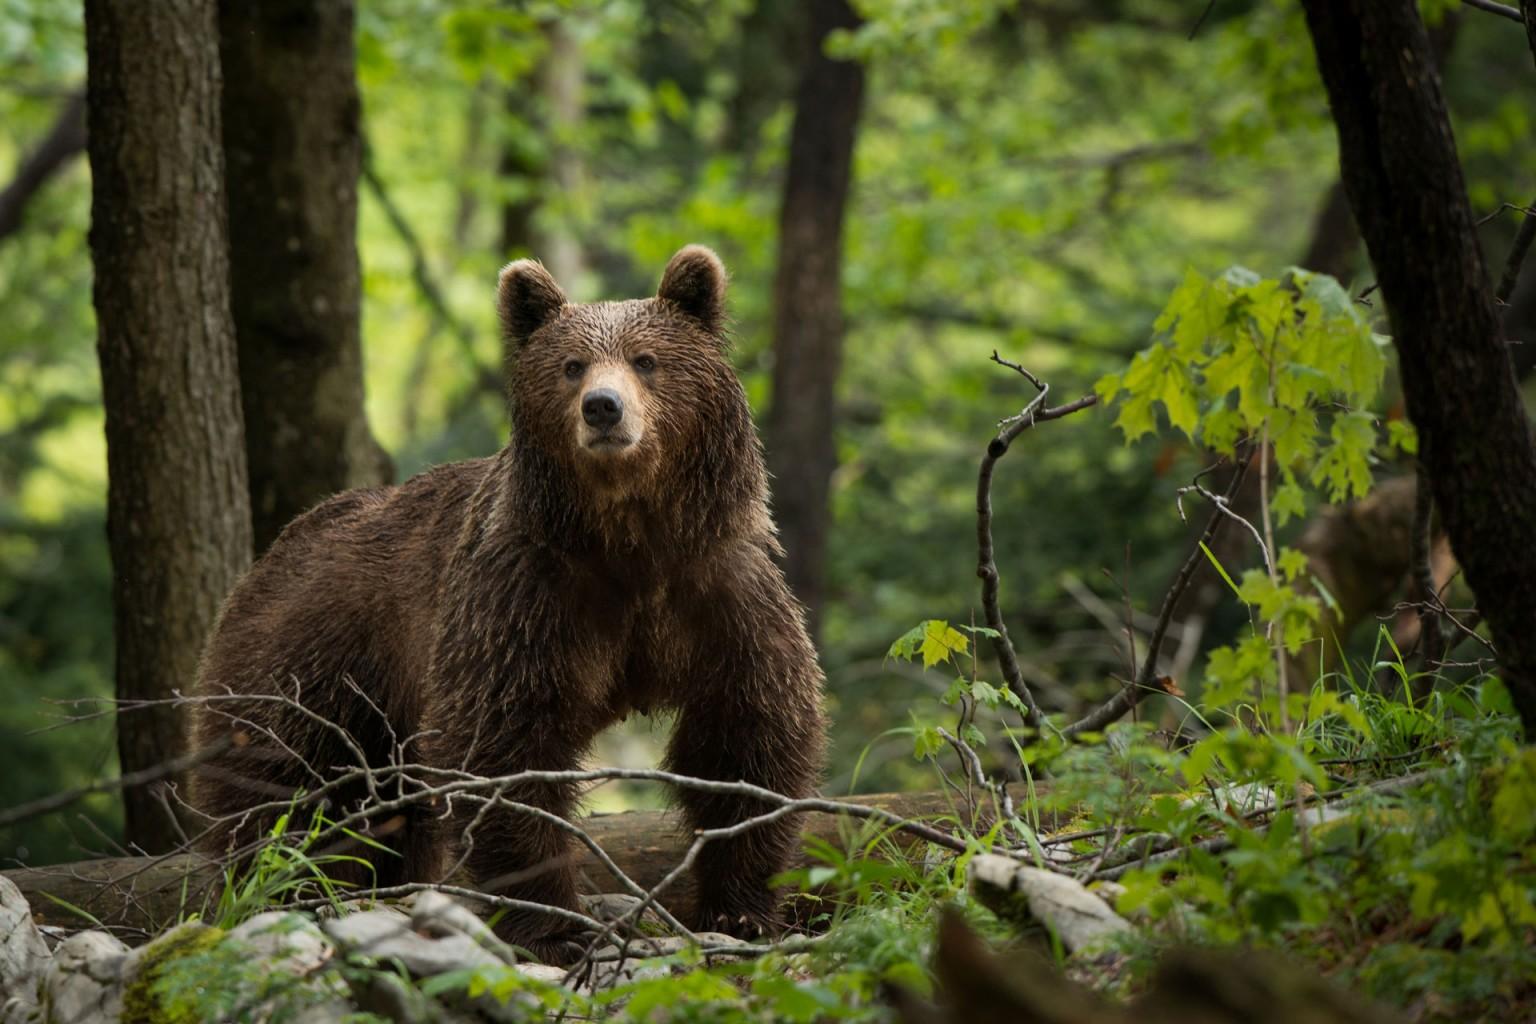 Paket po sledeh medveda